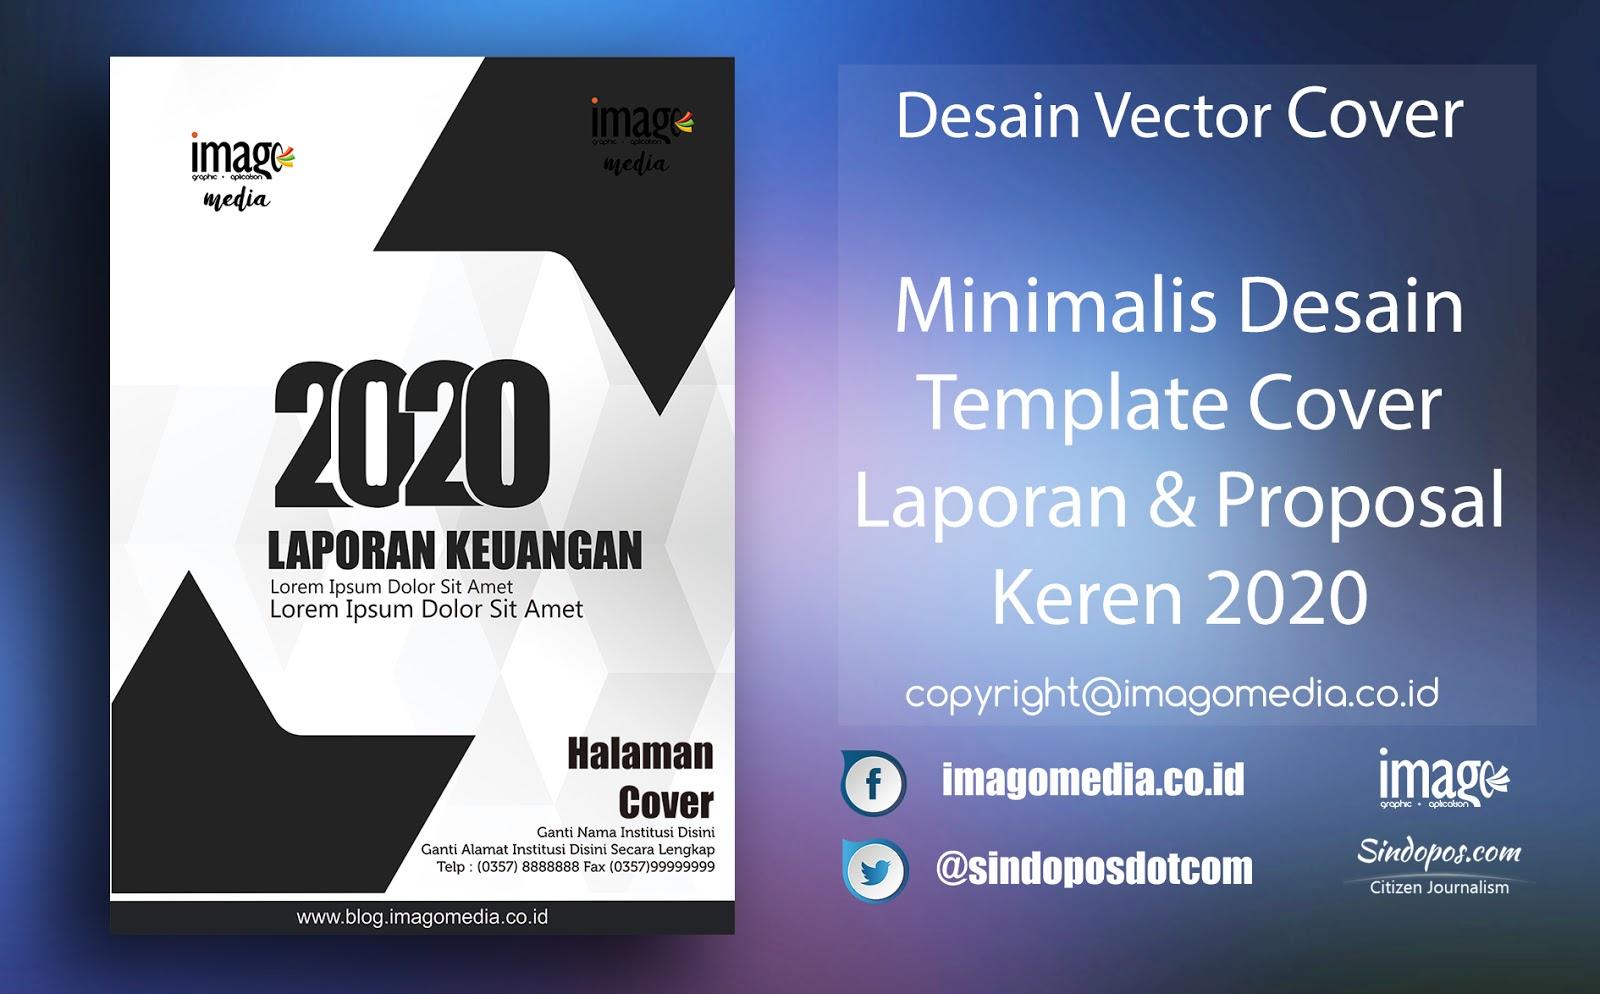 Download Minimalis Desain Template Cover Laporan Dan Proposal Keren 2020 Imago Media Home Of Creativity